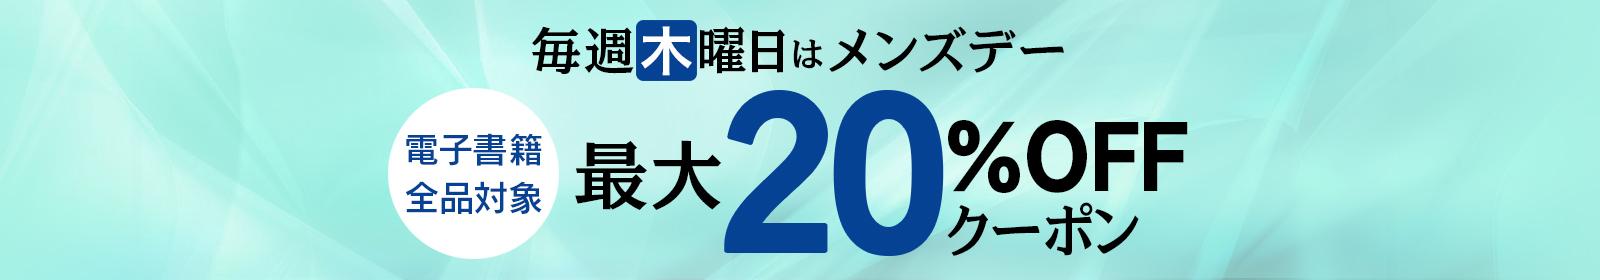 楽天Koboは毎週木曜日はメンズデーで全品10%~20%OFF。